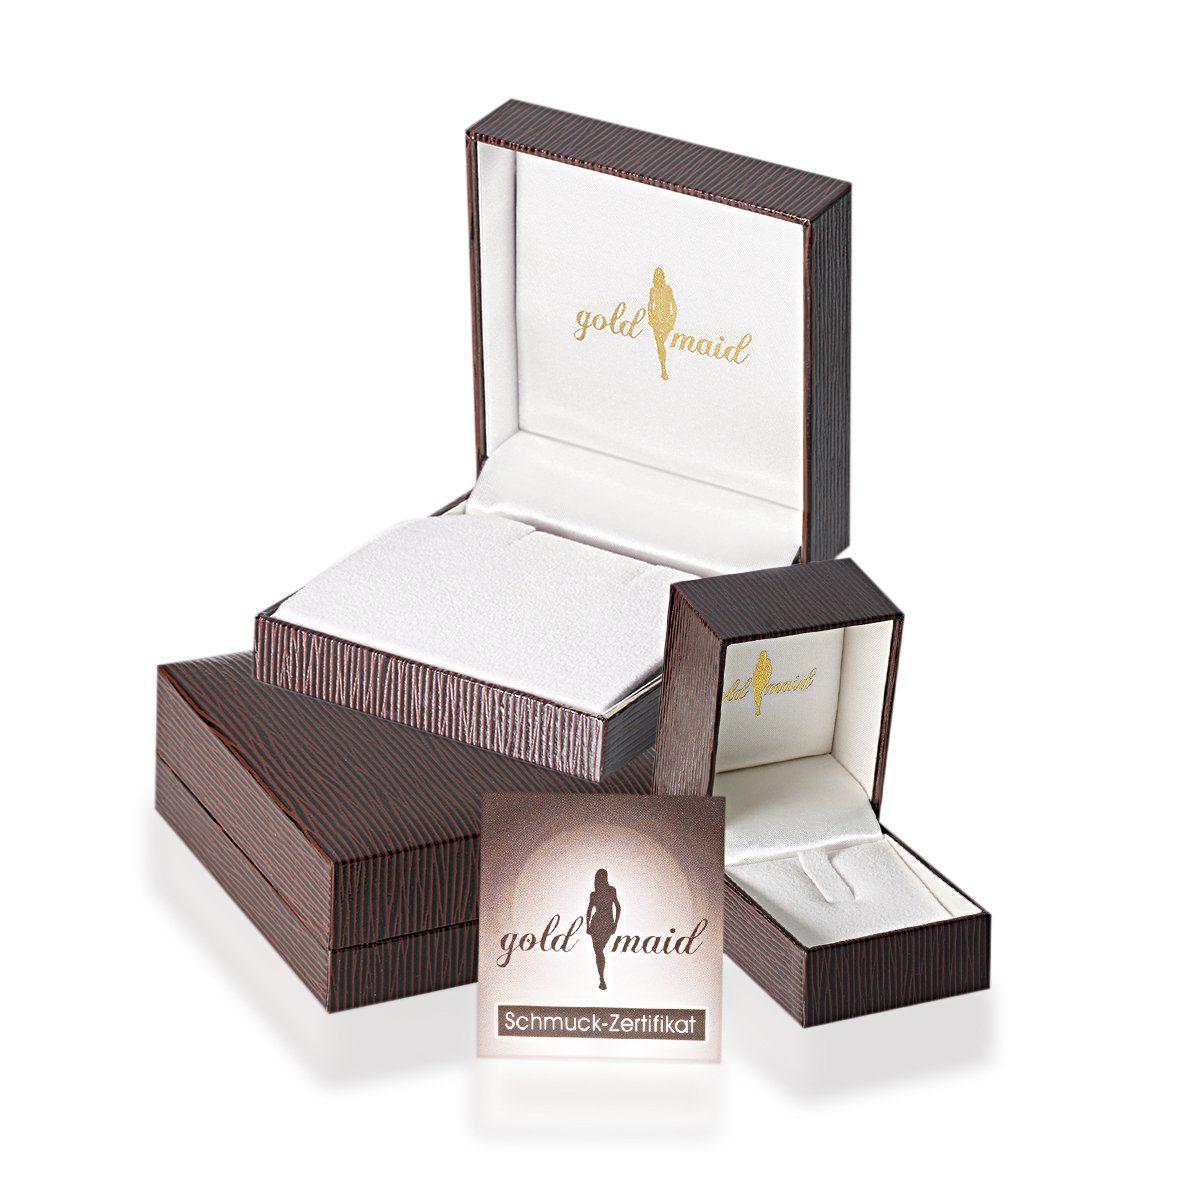 Goldmaid Glamourfassung Online Damenring Weissgold 585 Brillanten Kaufen SMVpzU